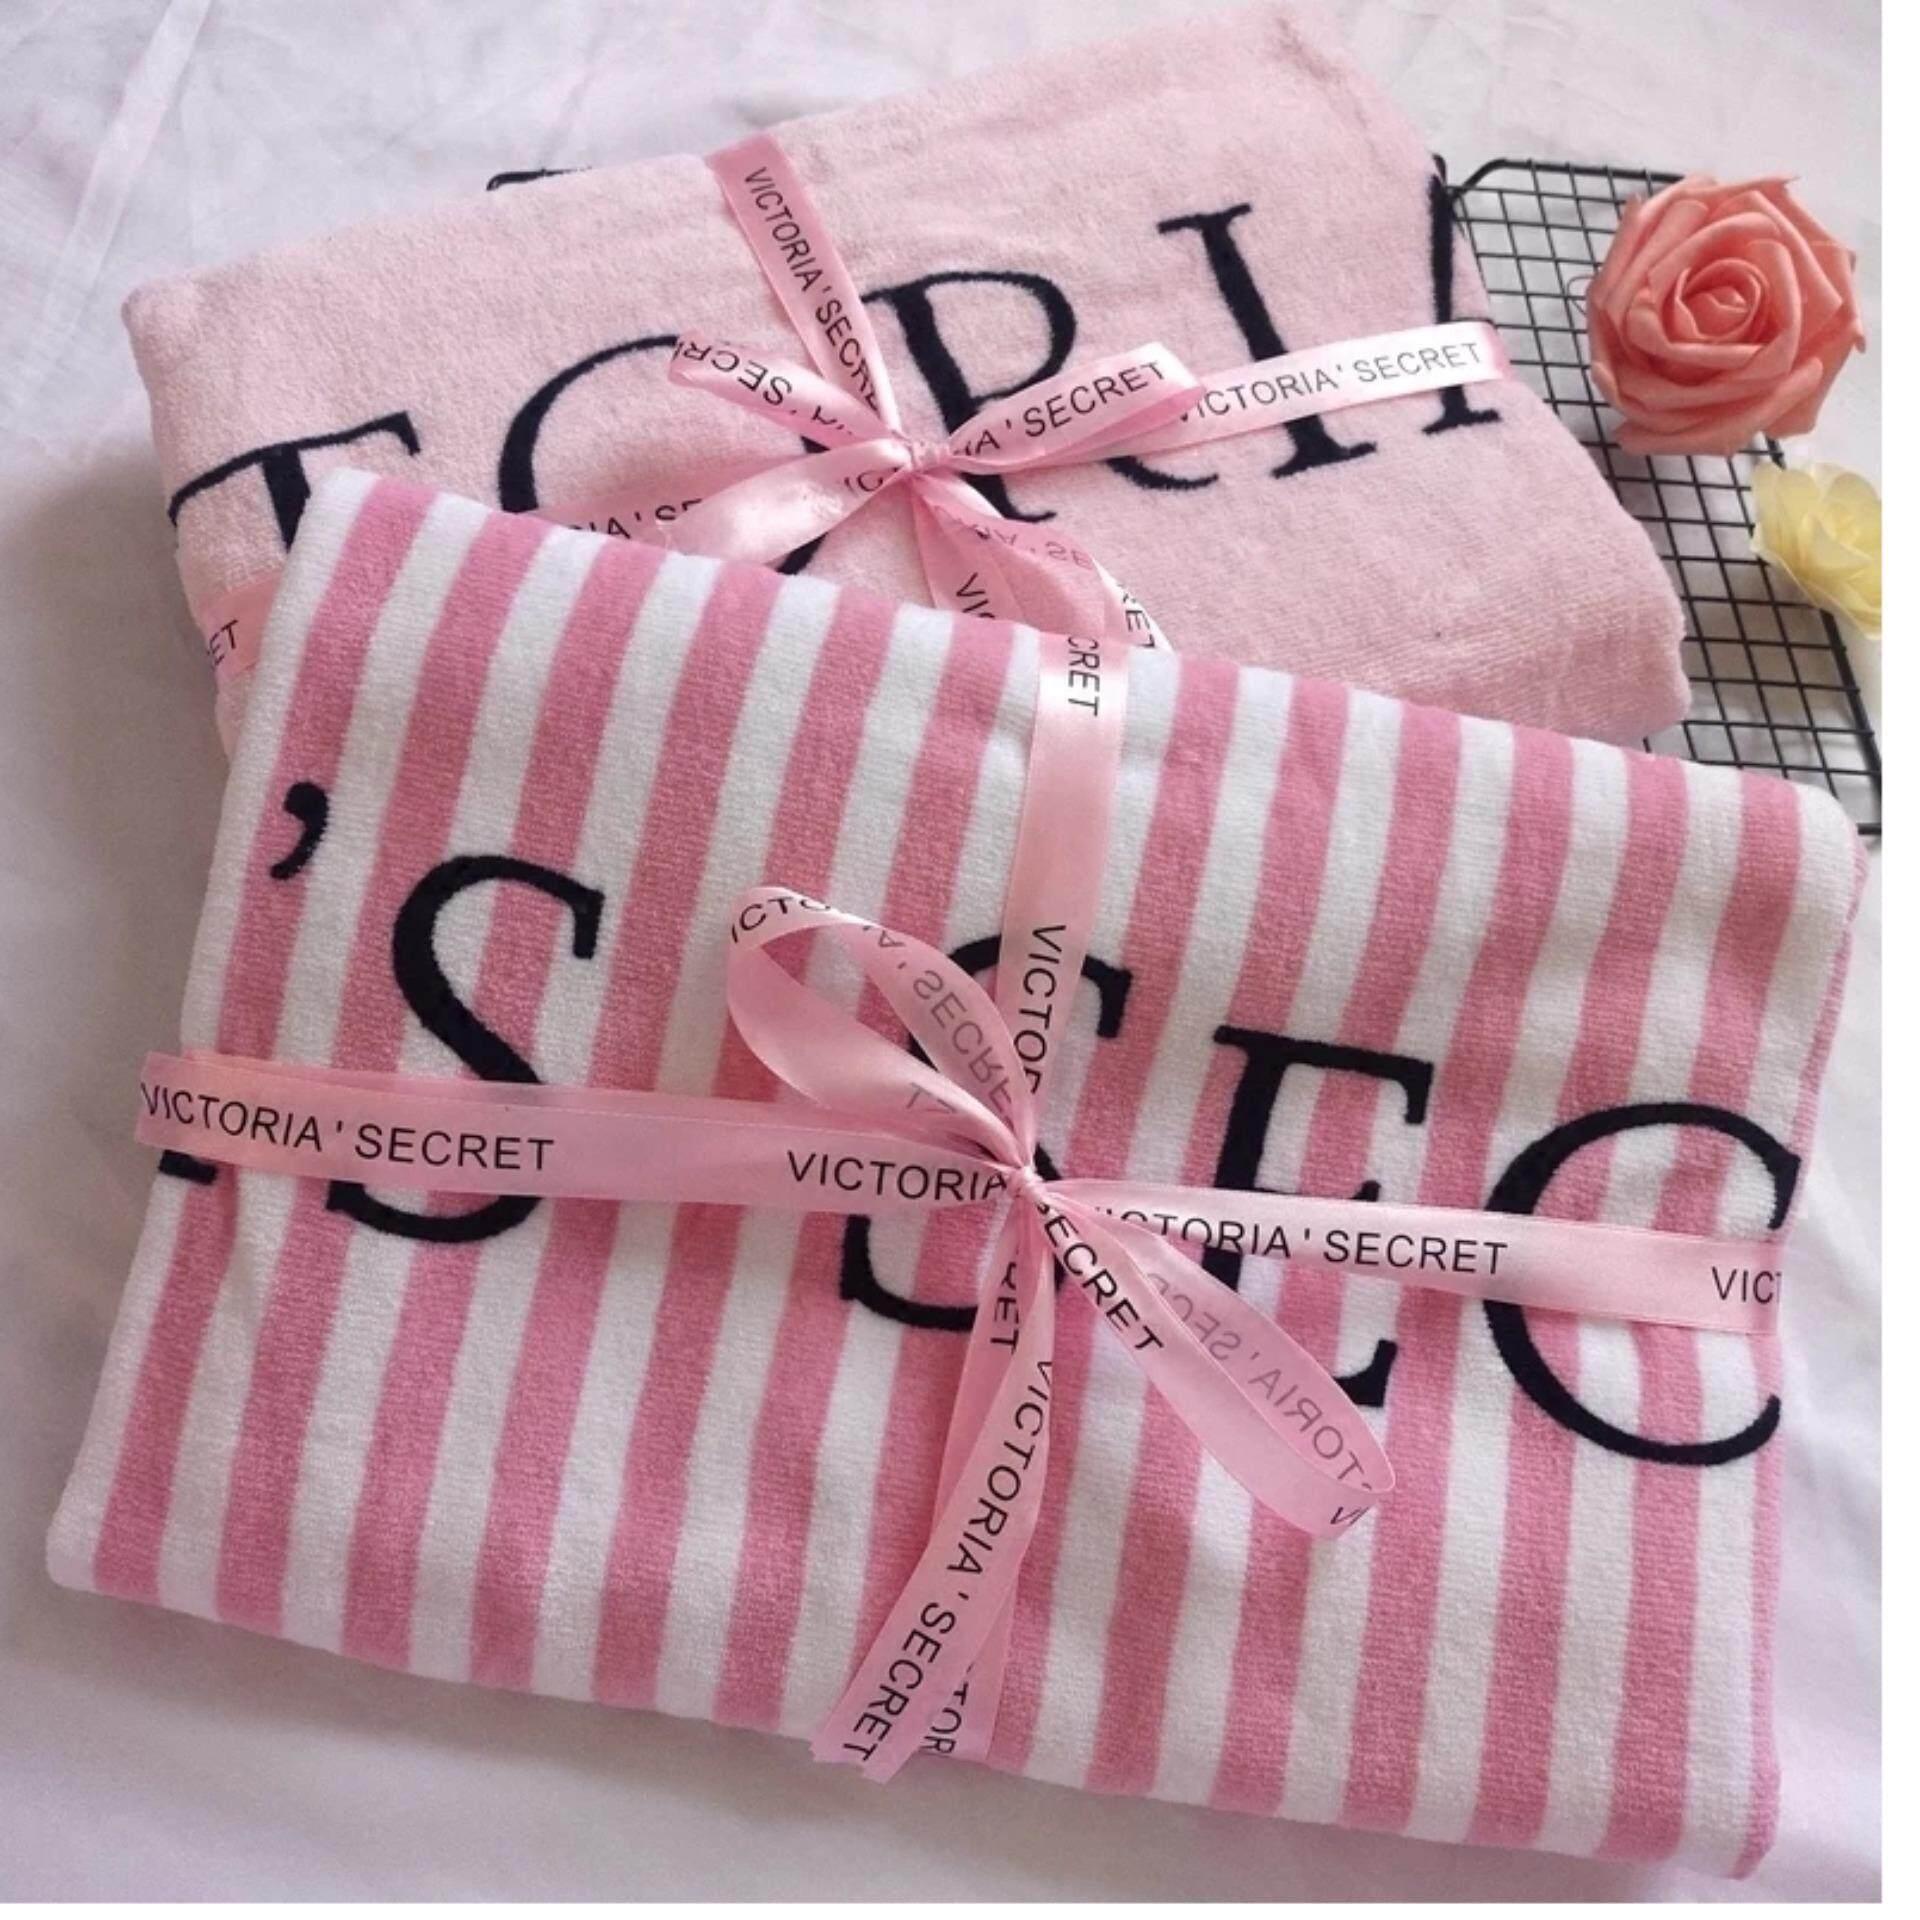 Victoria Secret Factory Outlet Towel